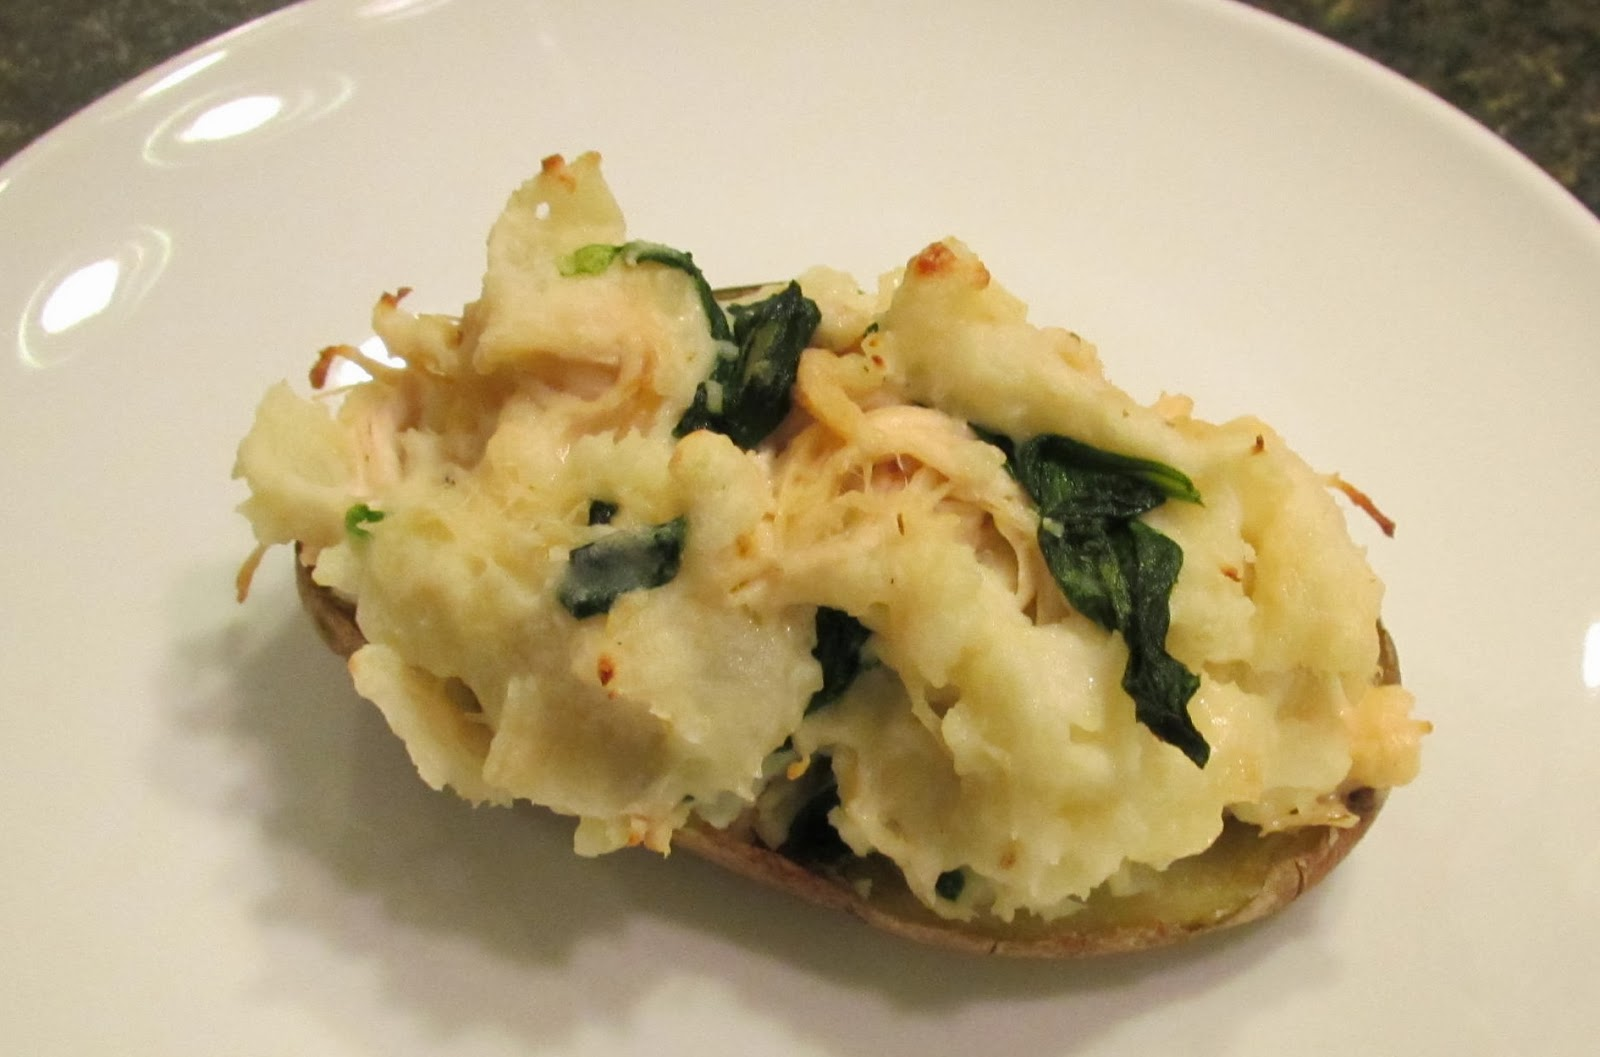 Gluten-Free Ravioli With A Potato-Spinach Filling Recipes — Dishmaps